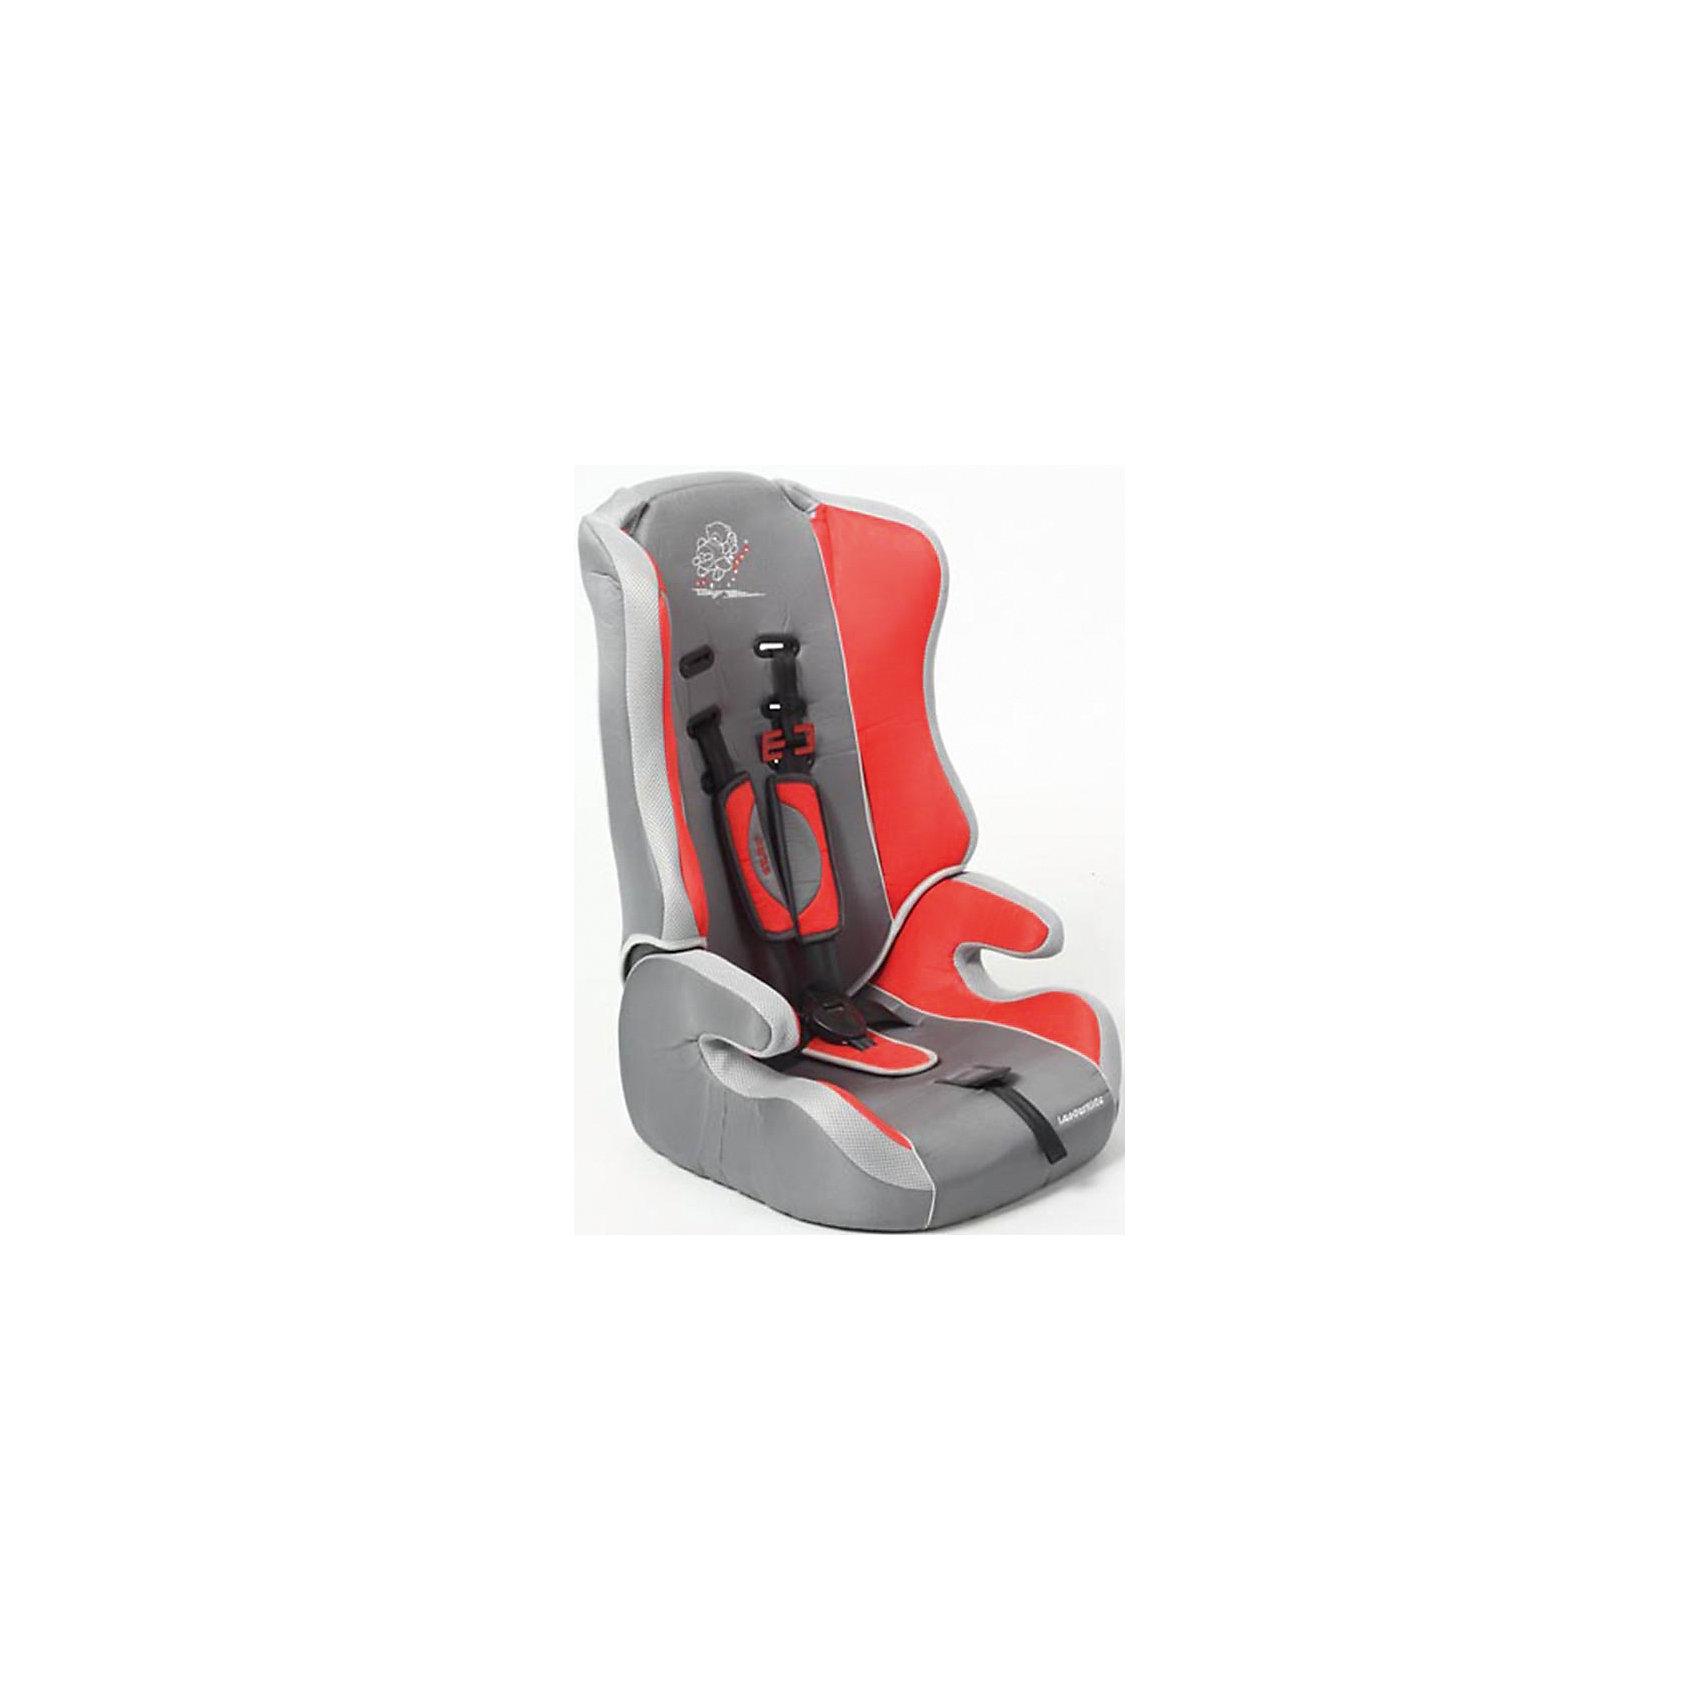 Автокресло STAR 9-36 кг., Leader kids, Aero Red серый/красныйАвтокресло - необходимый атрибут современной семьи, в которой есть машина. Это высокотехнологичное надежное автокресло позволит перевозить ребенка, не беспокоясь при этом о его безопасности. Оно предназначено для предназначено для детей весом от 9 до 36 килограмм. Такое кресло обеспечит малышу не только безопасность, но и удобство (регулируемая высота спинки и анатомическая форма). Ребенок надежно фиксируется в кресле и ездит с комфортом. Съемная спинка позволяет удобно хранить и транспортировать кресло. После ее демонтажа кресло превращается в бустер (автомобильное сидение) для детей постарше.<br>Автокресло устанавливают по ходу движения. Такое кресло дает возможность свободно путешествовать, ездить в гости и при этом  быть рядом с малышом. Конструкция - очень удобная и прочная. Изделие произведено из качественных и безопасных для малышей материалов, оно соответствуют всем современным требованиям безопасности. Кресло отлично показало себя на краш-тестах.<br> <br>Дополнительная информация:<br><br>цвет: красный, серый;<br>материал: текстиль, пластик;<br>вес ребенка: от 9 до 36 кг;<br>крепление автомобильным ремнем;<br>размер: 65х40х47 см;<br>внутренние ремни - пятиточечные, с мягкими накладками;<br>вес: 4.8 кг;<br>дополнительная защита от боковых ударов;<br>съемный чехол;<br>соответствие стандартам ECE R44/04.<br><br>Автокресло STAR 9-36 кг., Leader kids, Aero Red серый/красный от компании Leader kids можно купить в нашем магазине.<br><br>Ширина мм: 890<br>Глубина мм: 740<br>Высота мм: 430<br>Вес г: 4800<br>Возраст от месяцев: 12<br>Возраст до месяцев: 144<br>Пол: Унисекс<br>Возраст: Детский<br>SKU: 4778438